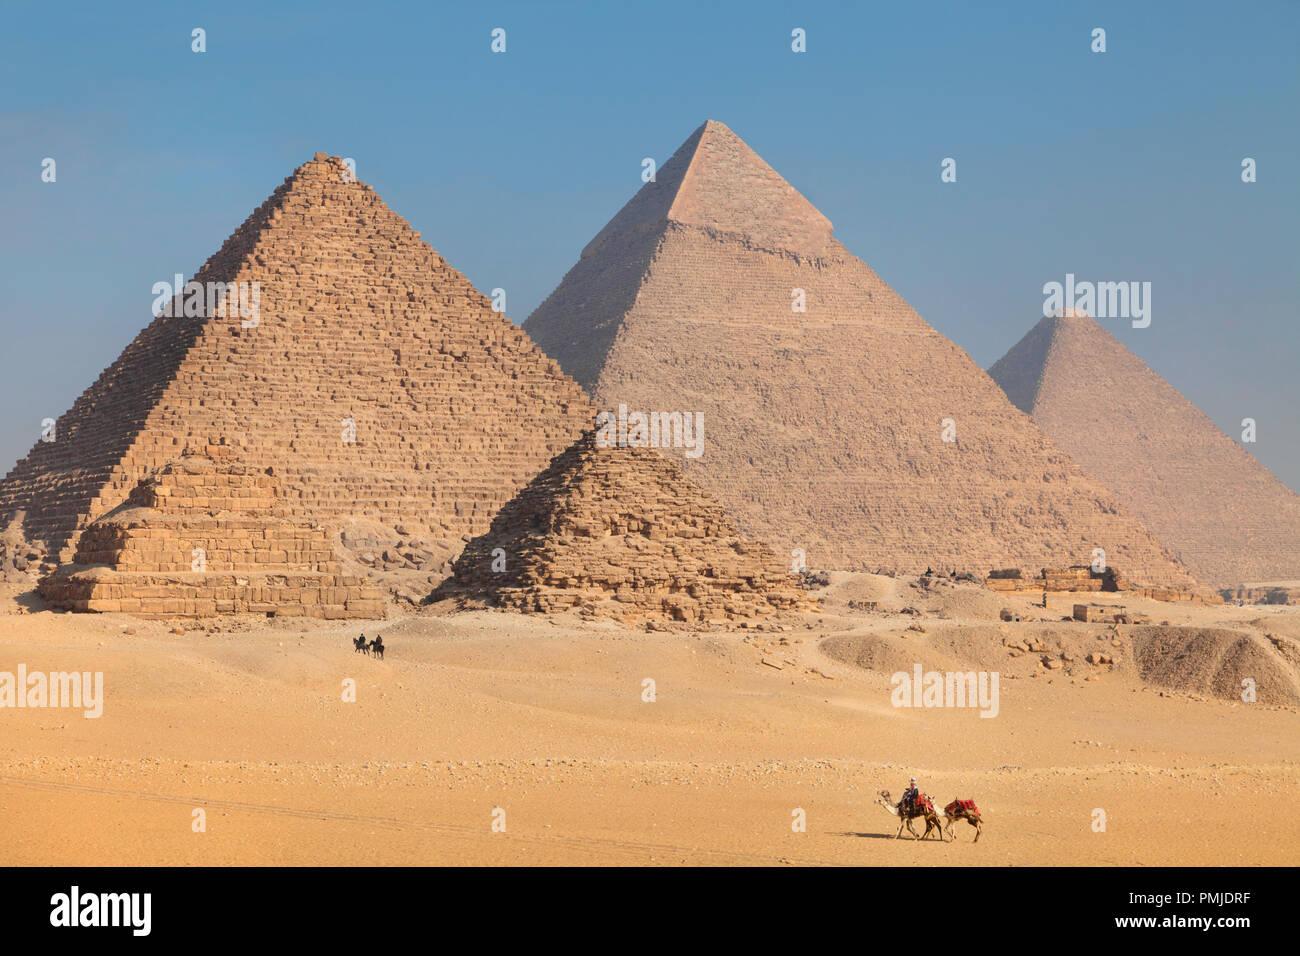 Kamele Wanderungen durch die Wüste Sand auf Gizeh Plateau in der Nähe der Pyramiden von Ägypten Stockbild